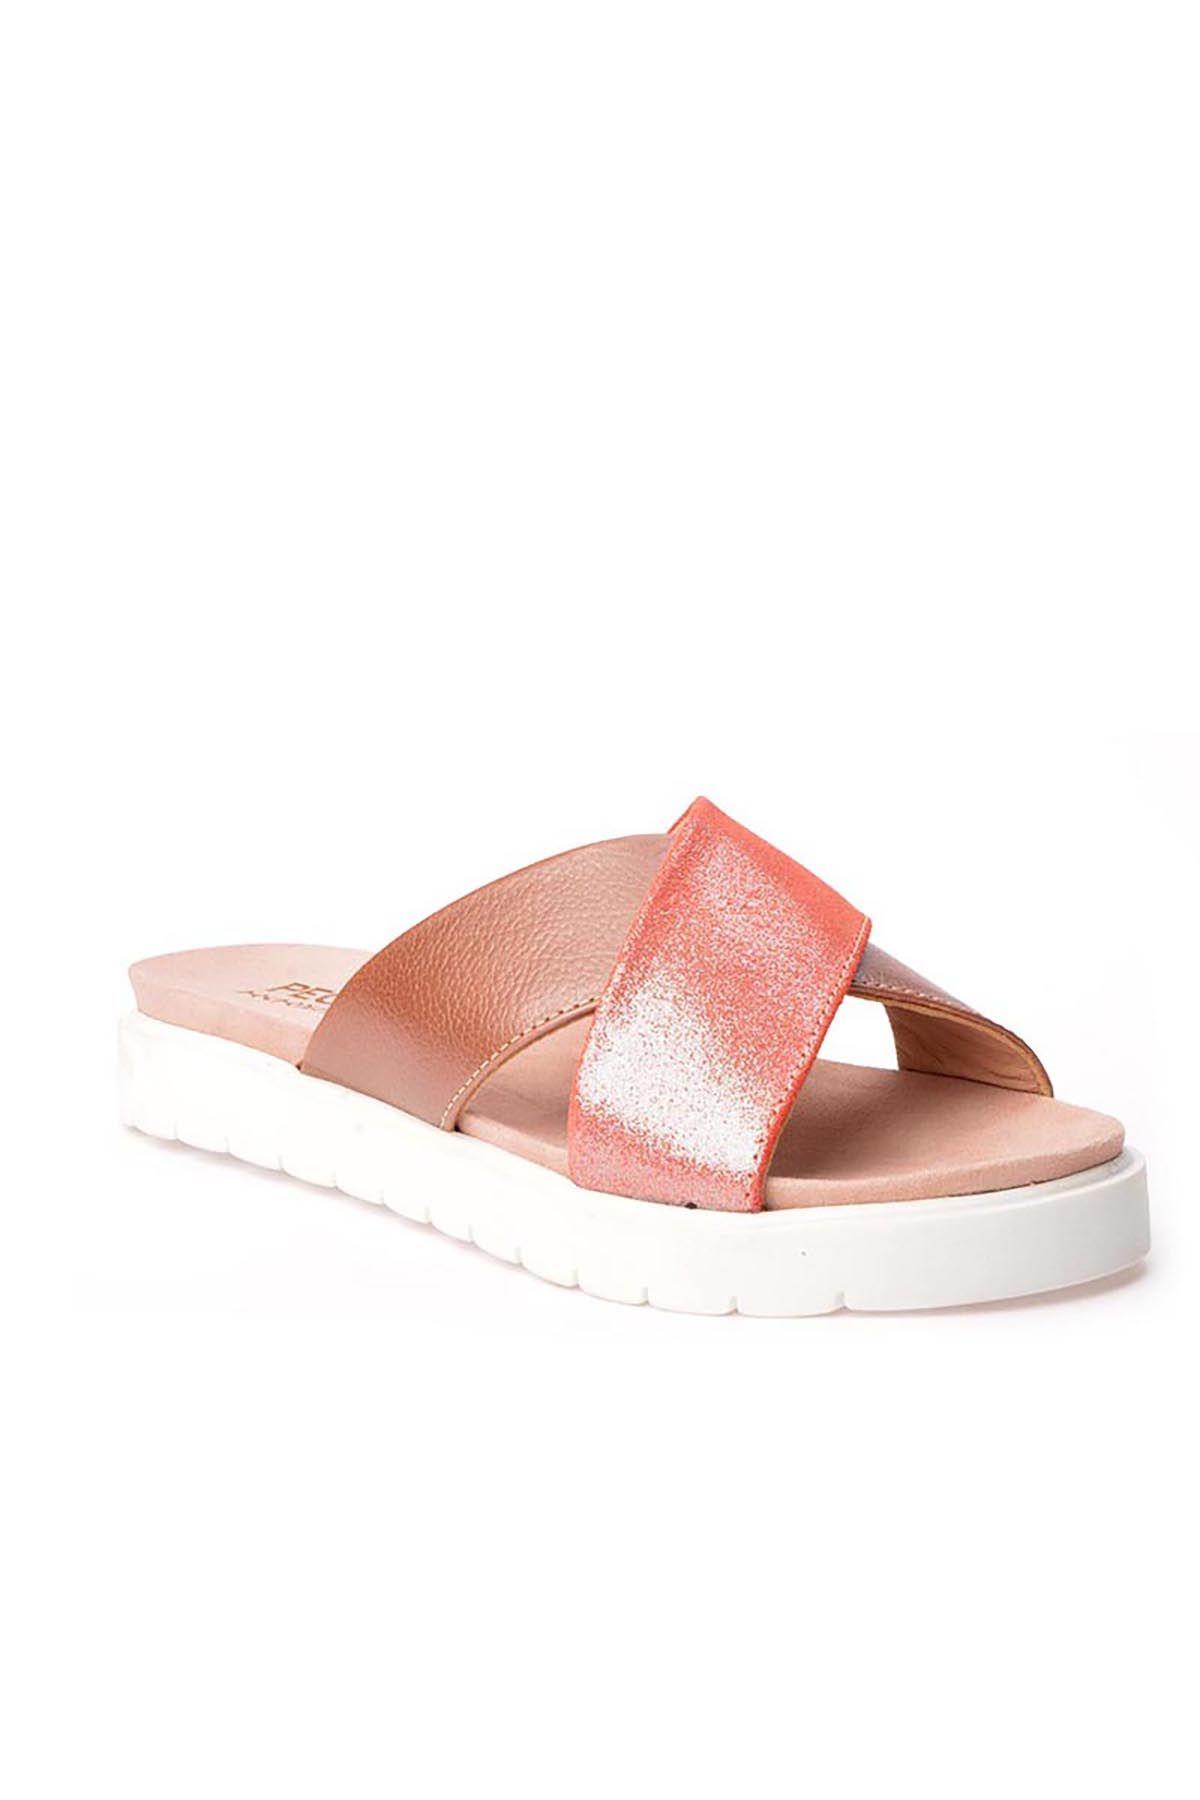 Pegia La Ferme Женские Тапочки Из Натуральной Кожи Розовый